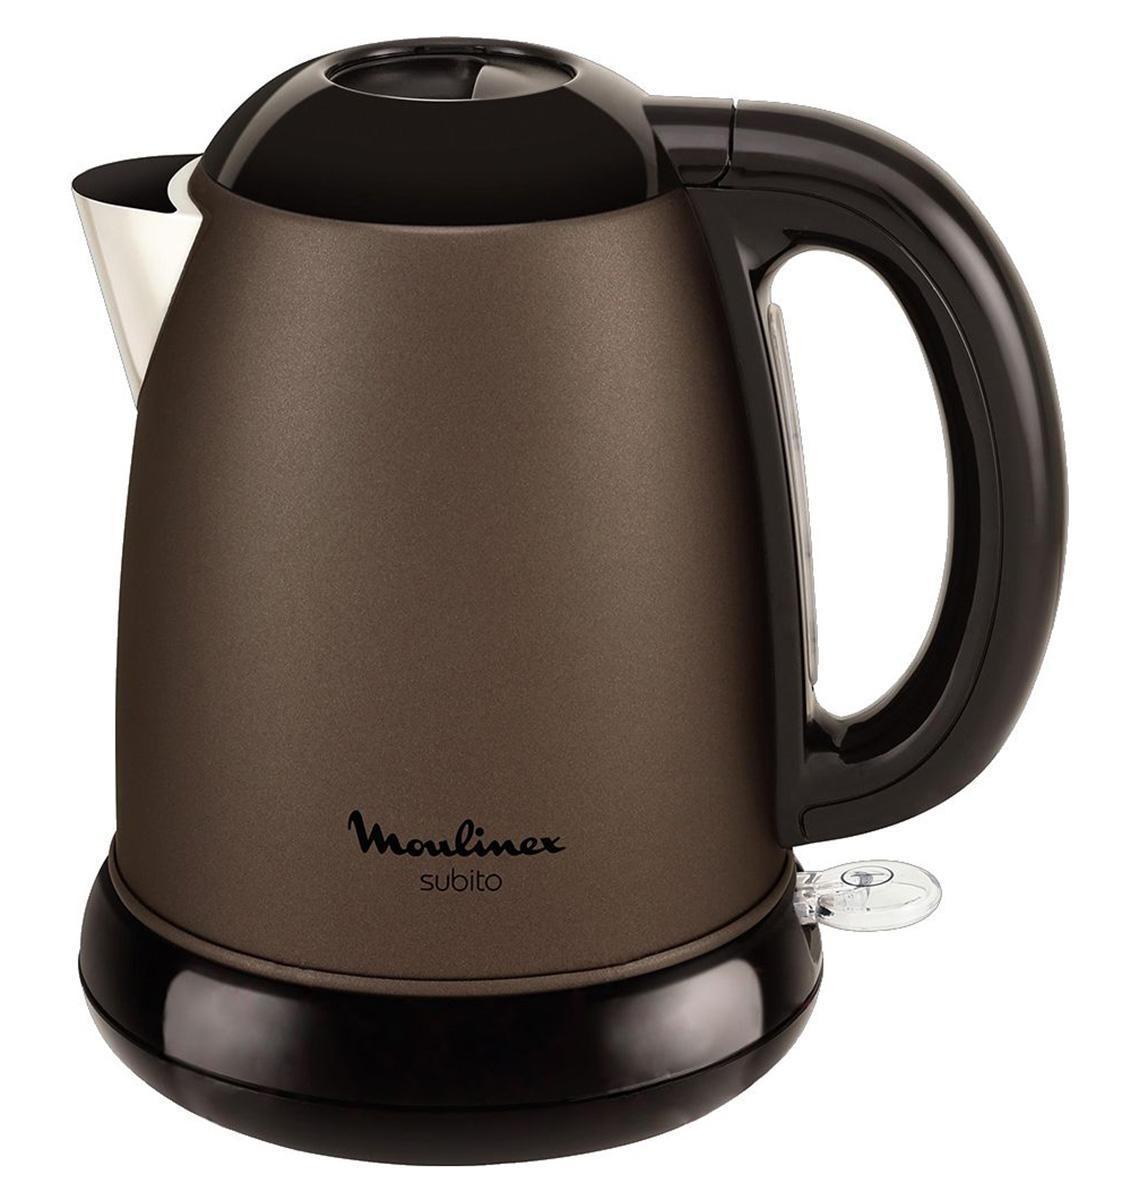 Moulinex BY540930 Subito III электрический чайникBY540930Электрочайник объемом 1.7 л, с применением технологии скрытого нагревательного элемента. Мощность прибора - 2400 Вт, синтетический фильтр от накипи, индикация включения, отключение при отсутствии воды. Устройство отличается элегантным шоколадно-коричневым корпусом с элементами черного цвета.